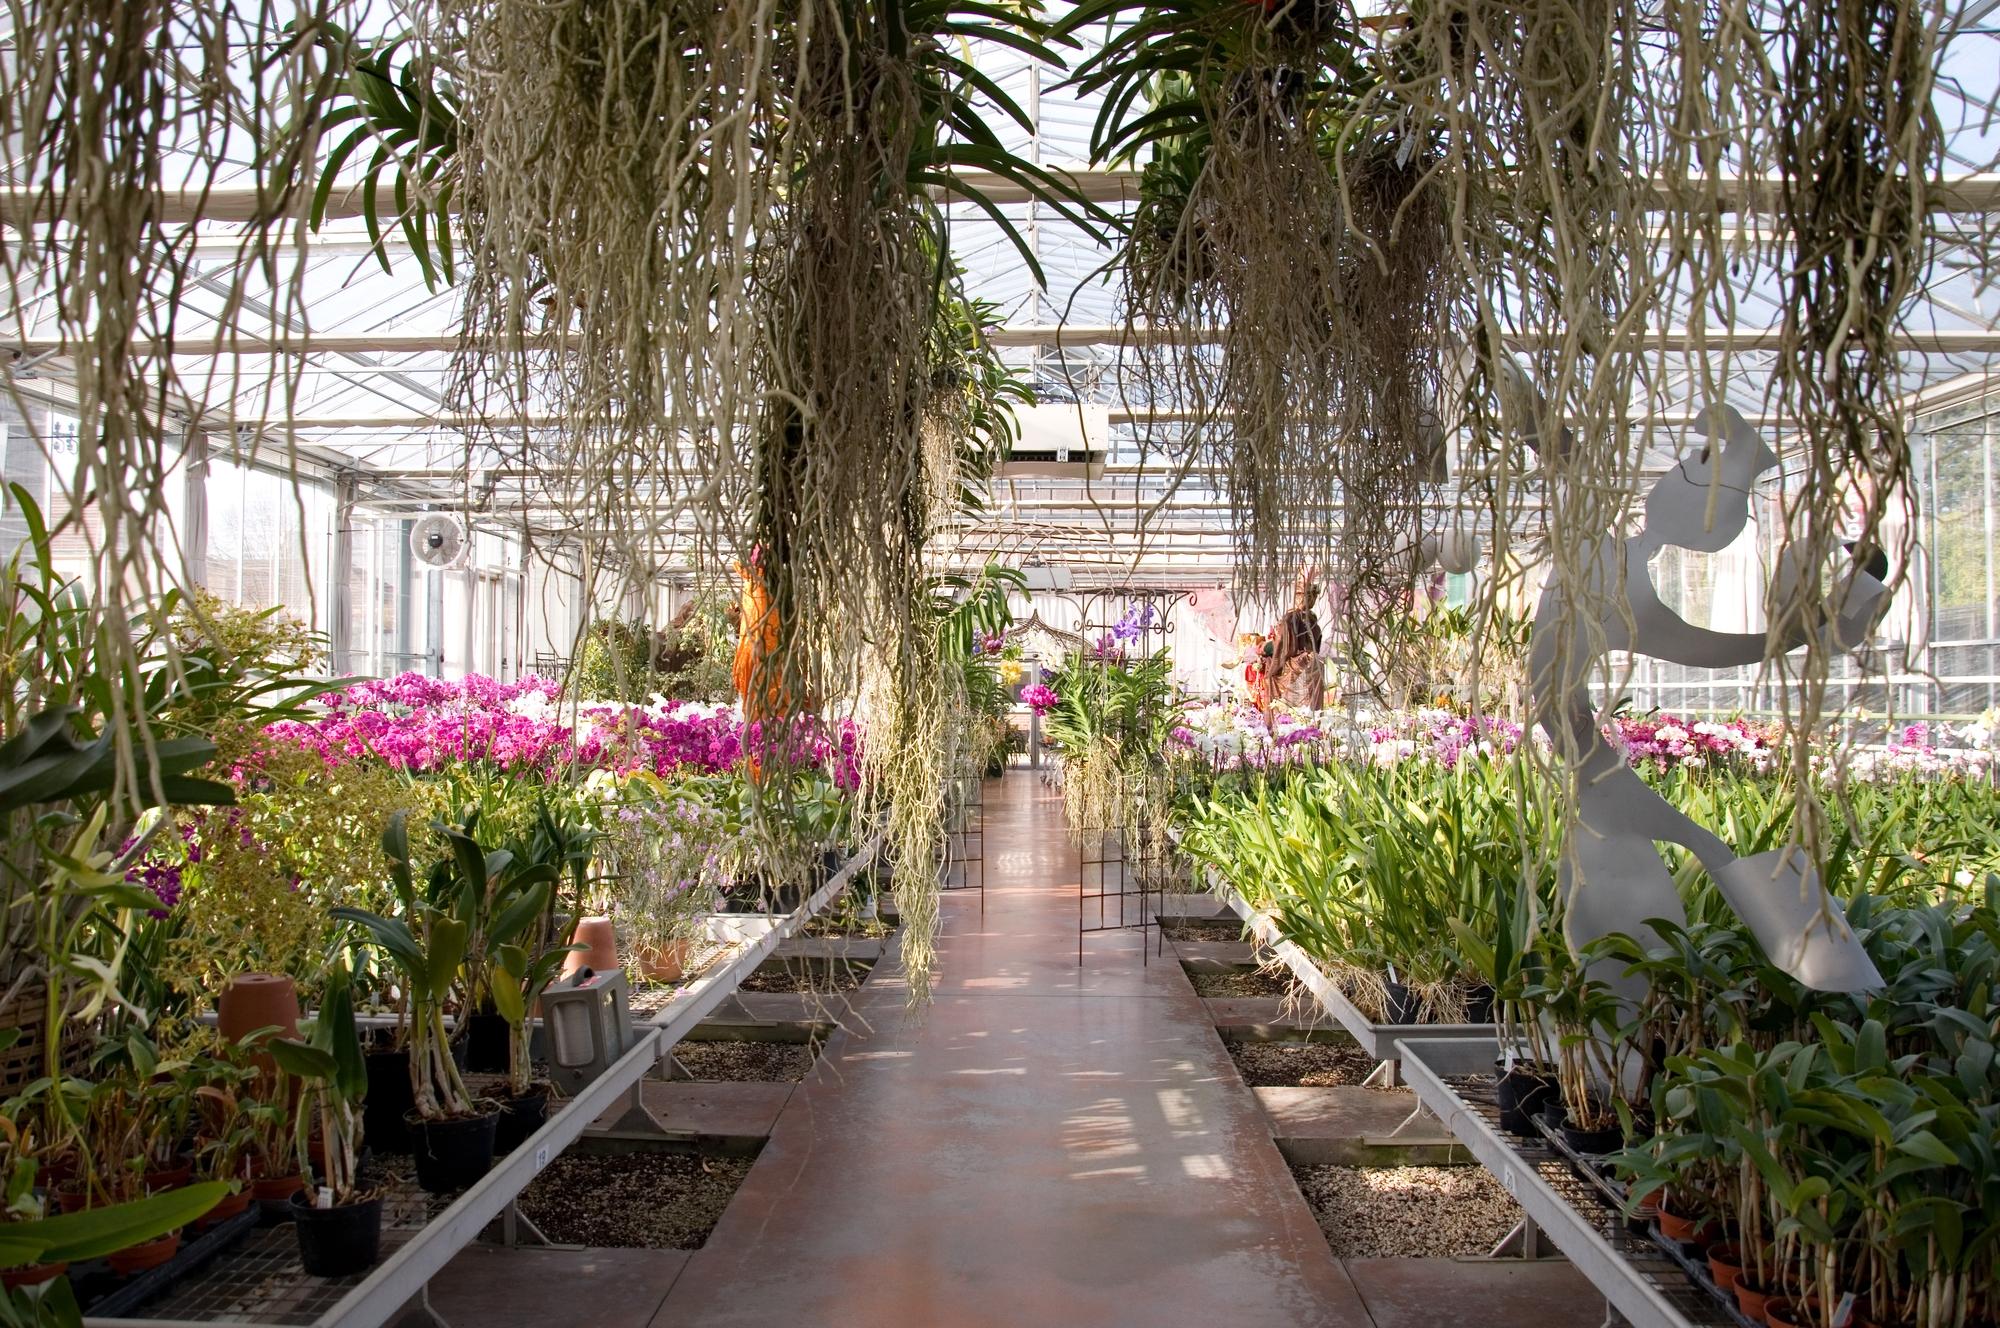 serre-exposition-vente-01-orchidees-Vacherot—Lecoufle